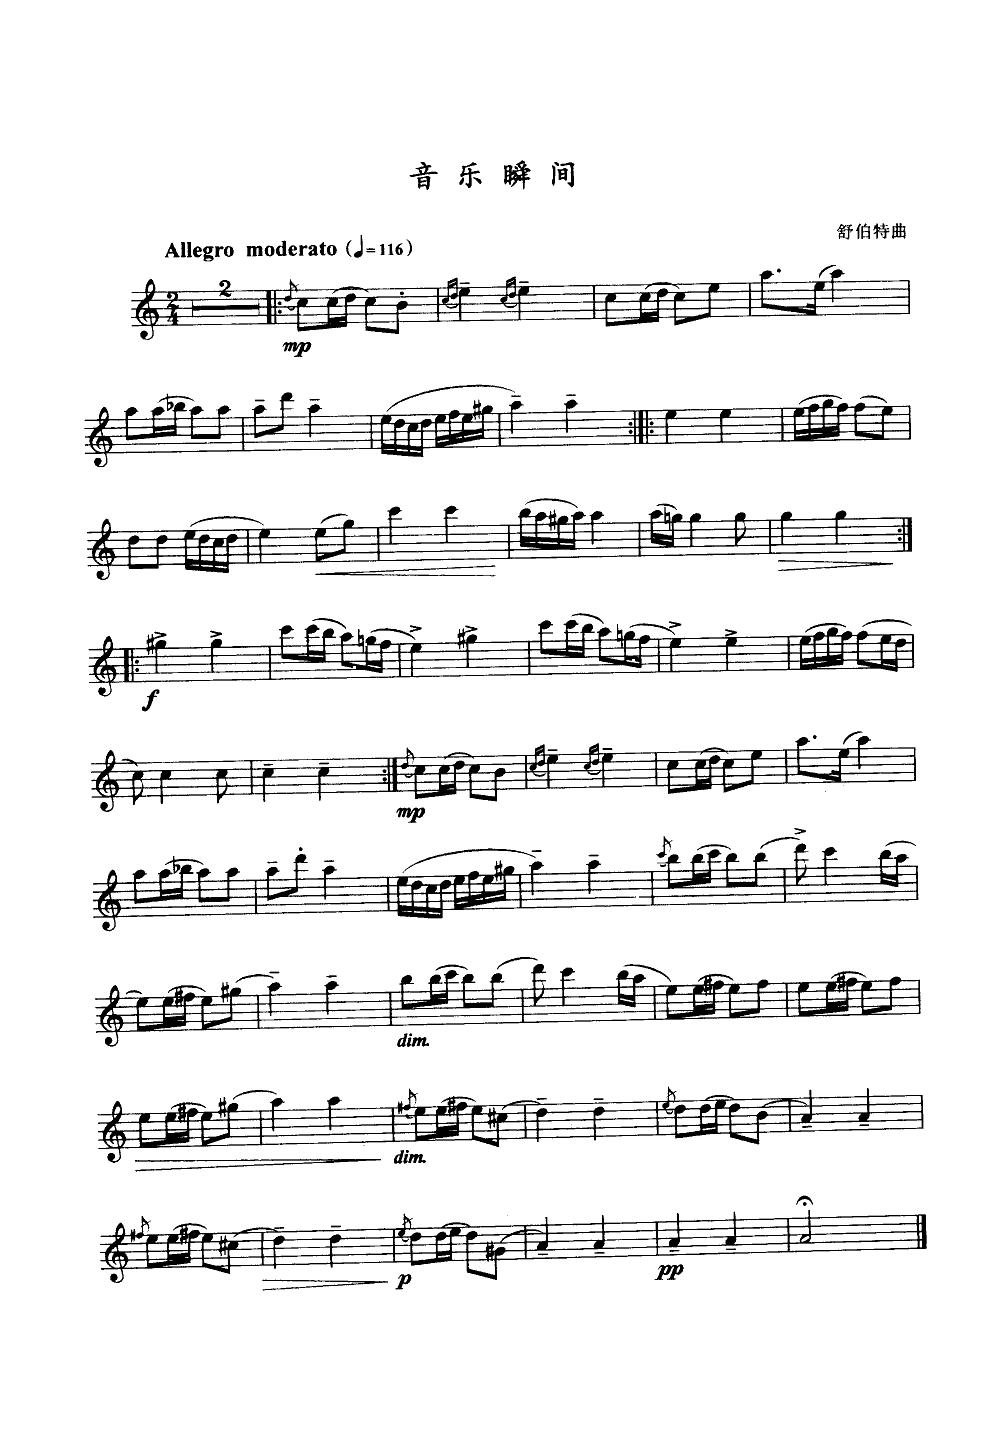 最简单的曲谱